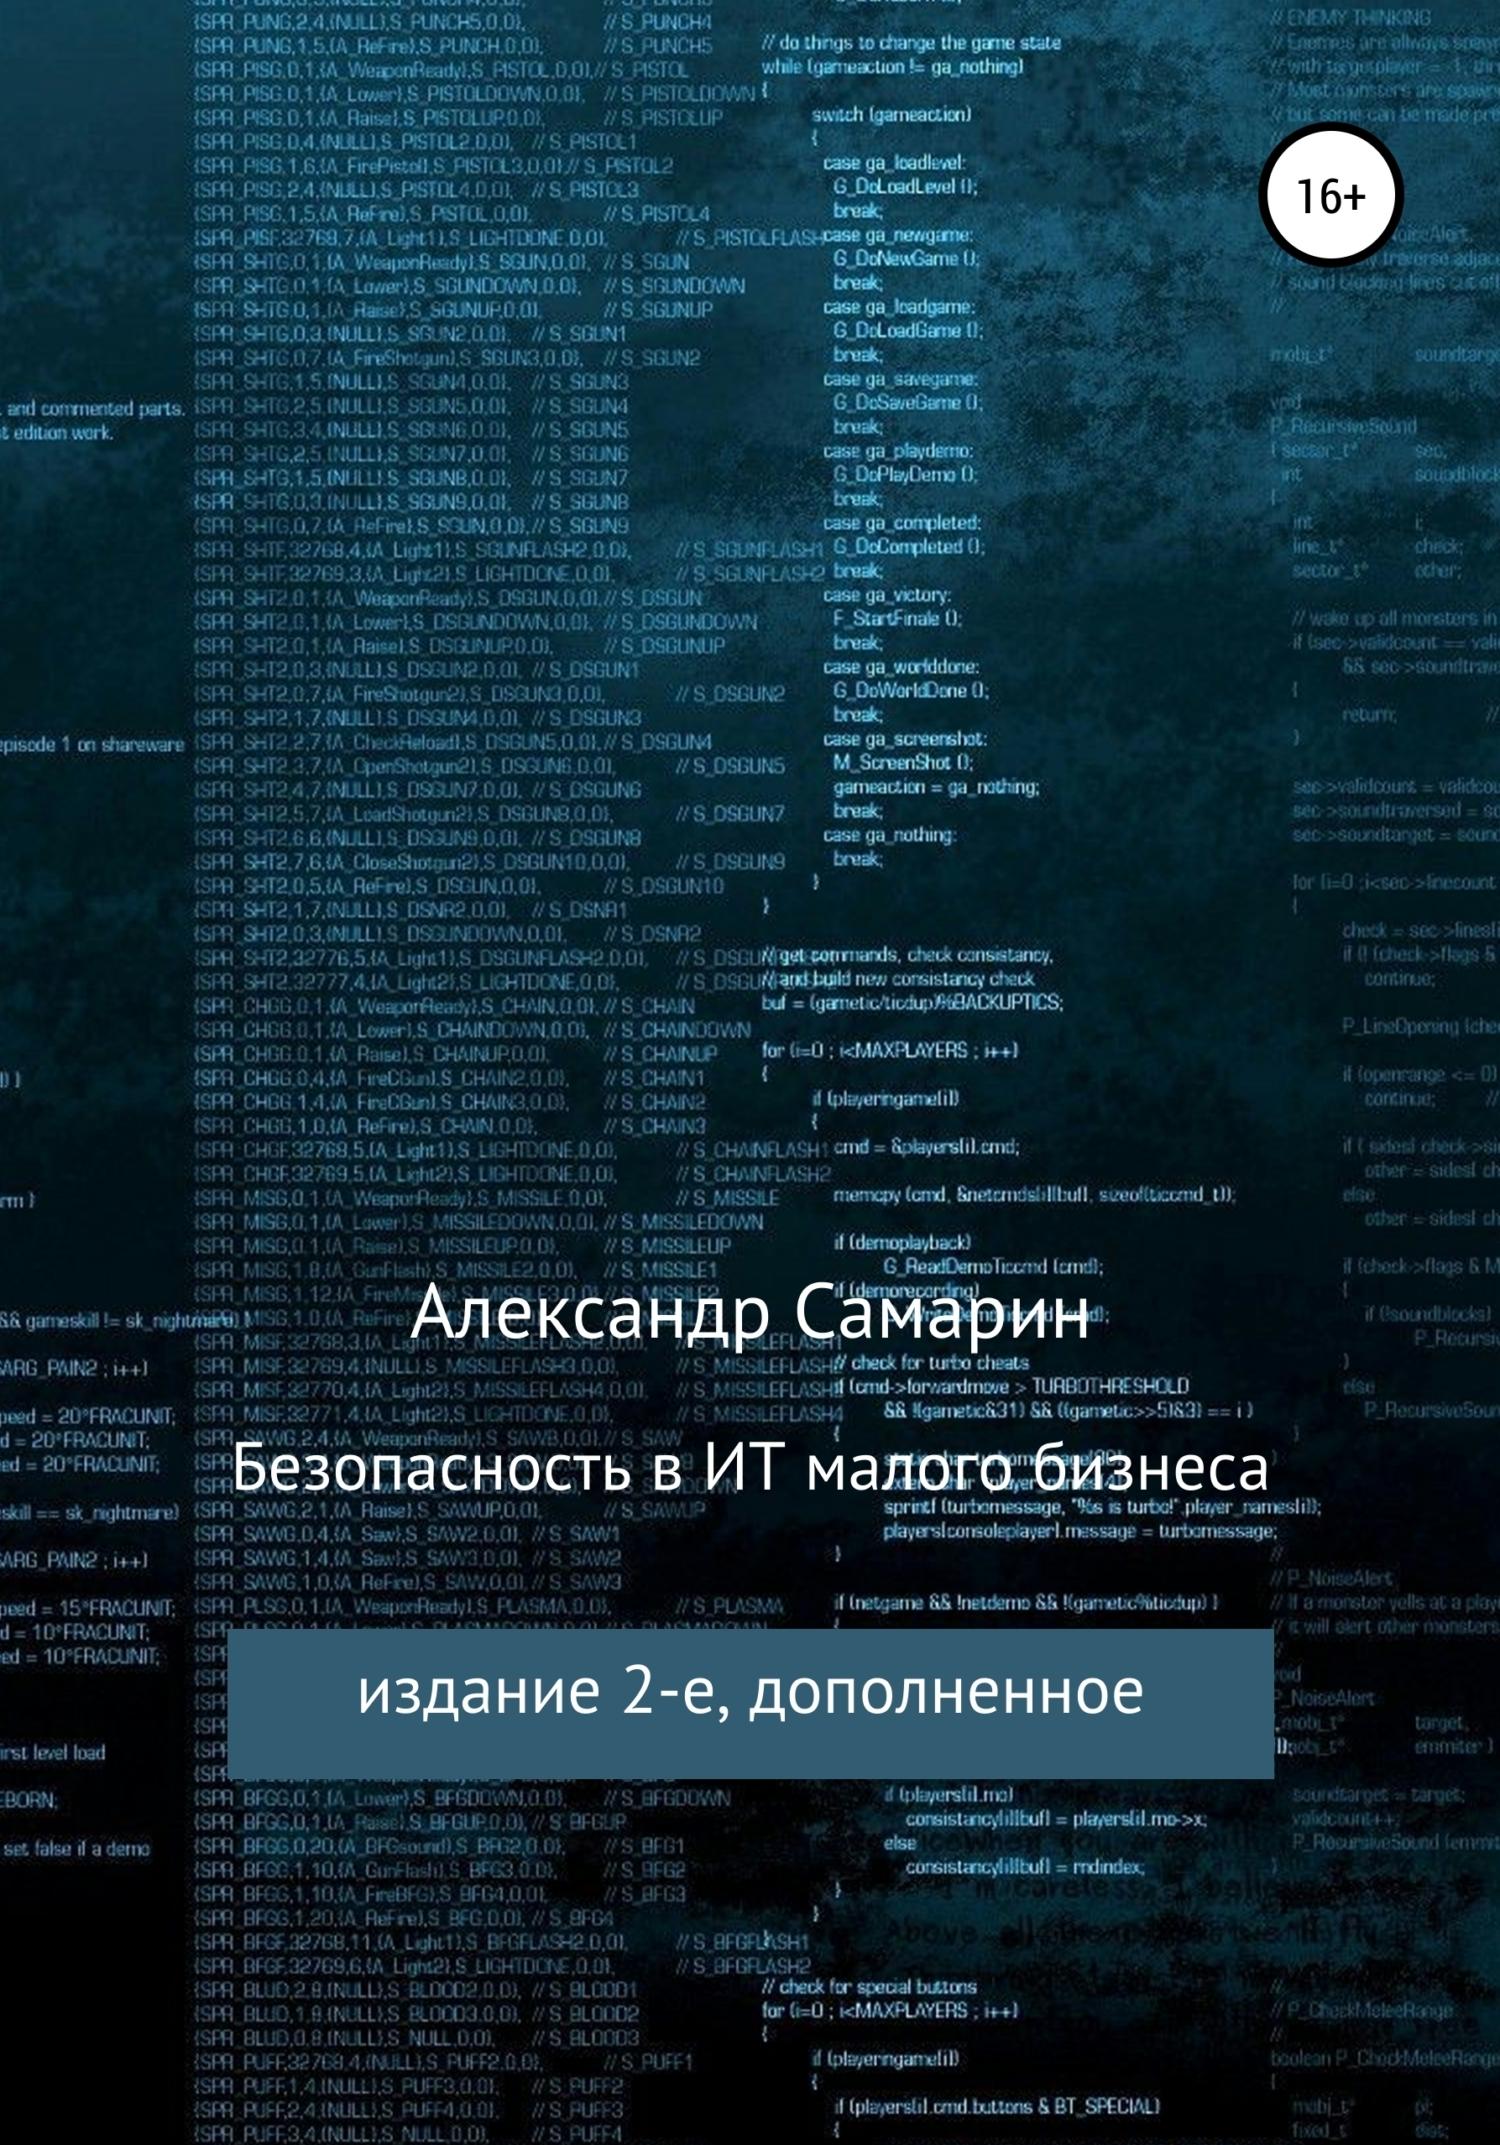 Александр Михайлович Самарин Безопасность в ИТ малого бизнеса